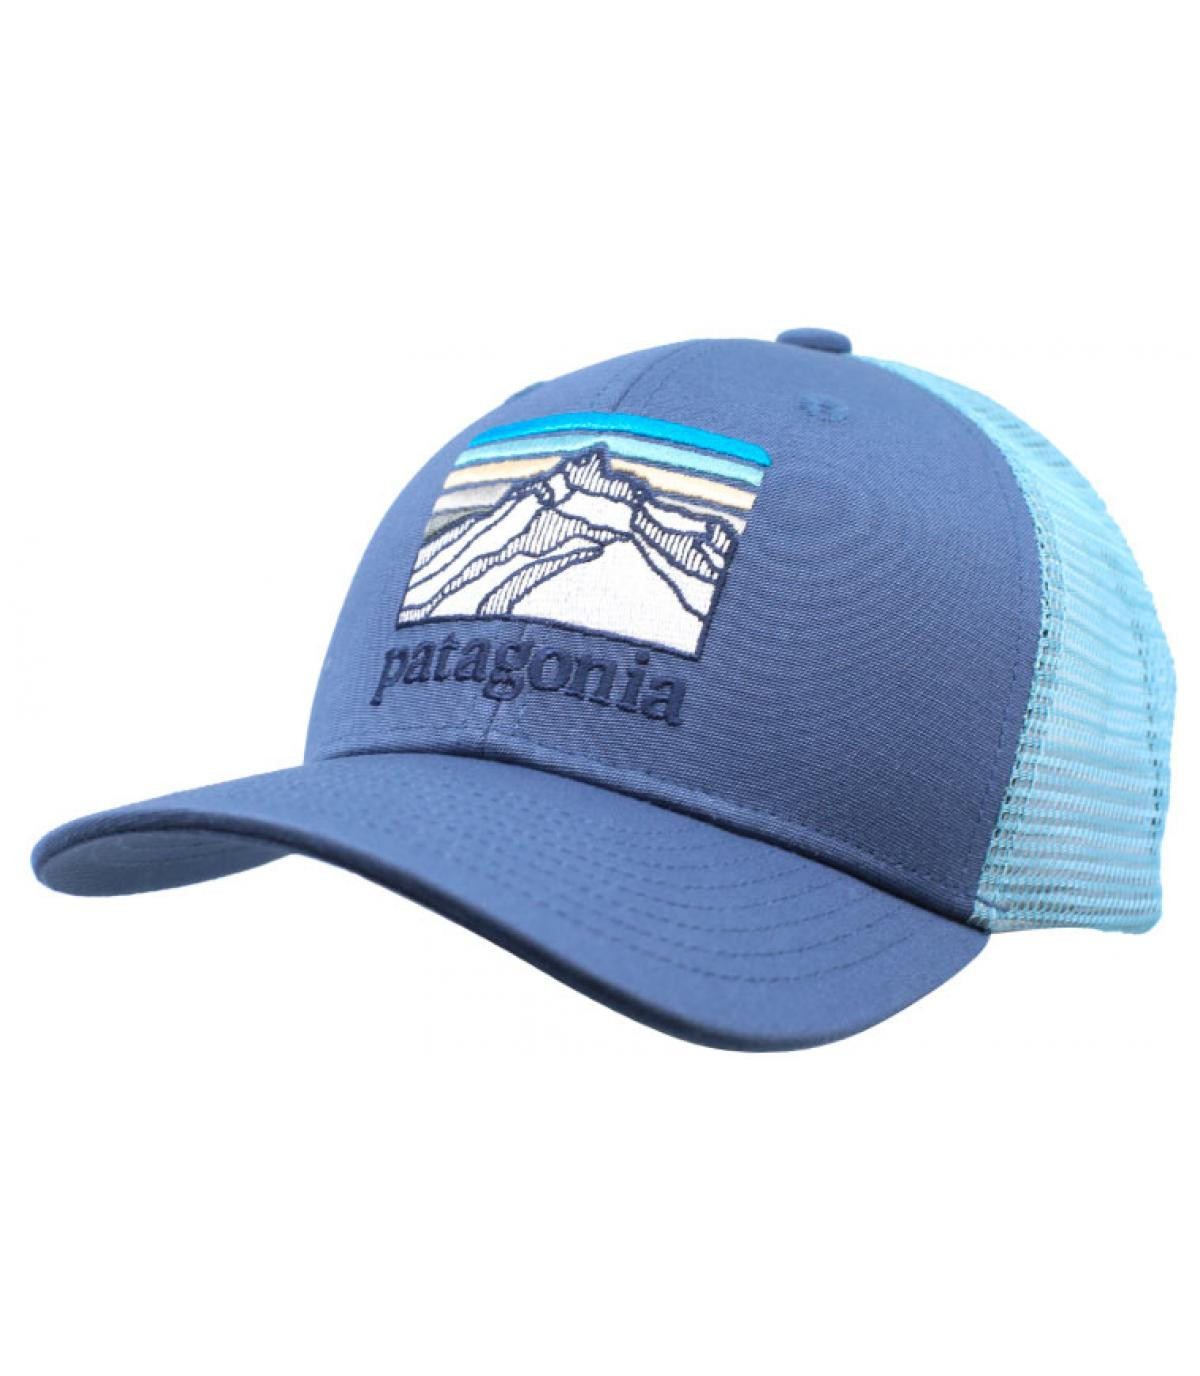 Détails Kids Trucker Line Logo Ridge dolomite  blue - image 2